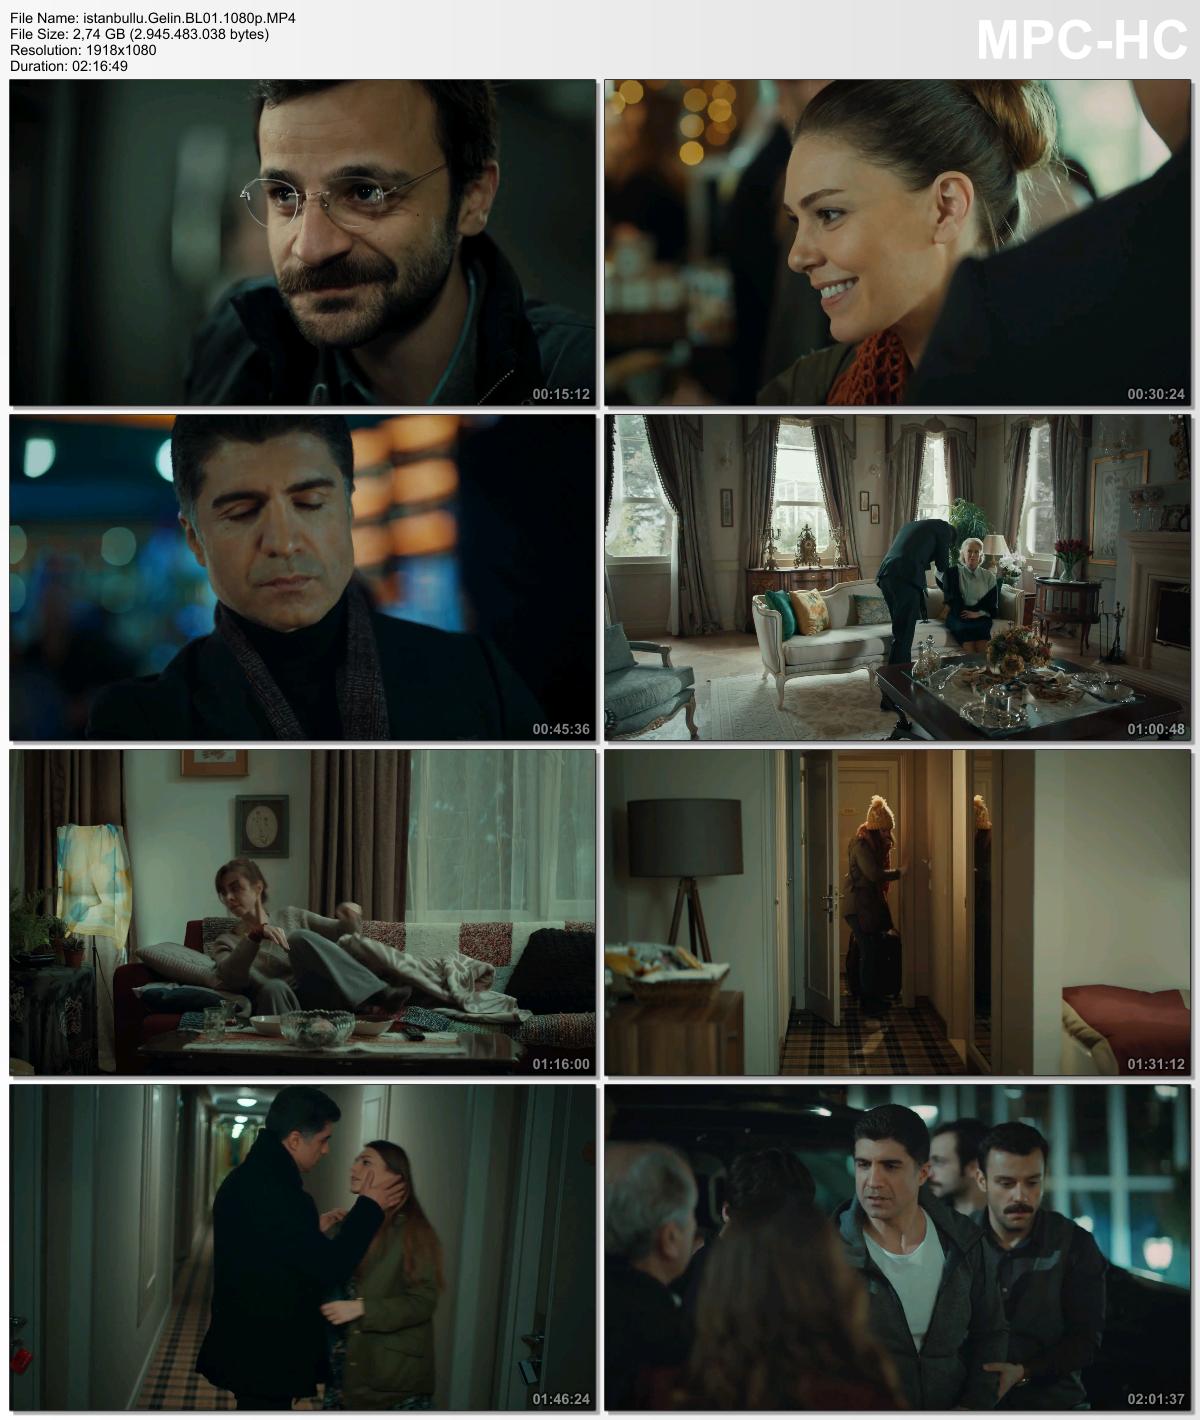 İstanbullu Gelin WEB-DL x264 720p 1080p Güncel Tüm Bölümler - Yerli Dizi indir - Tek Link indir